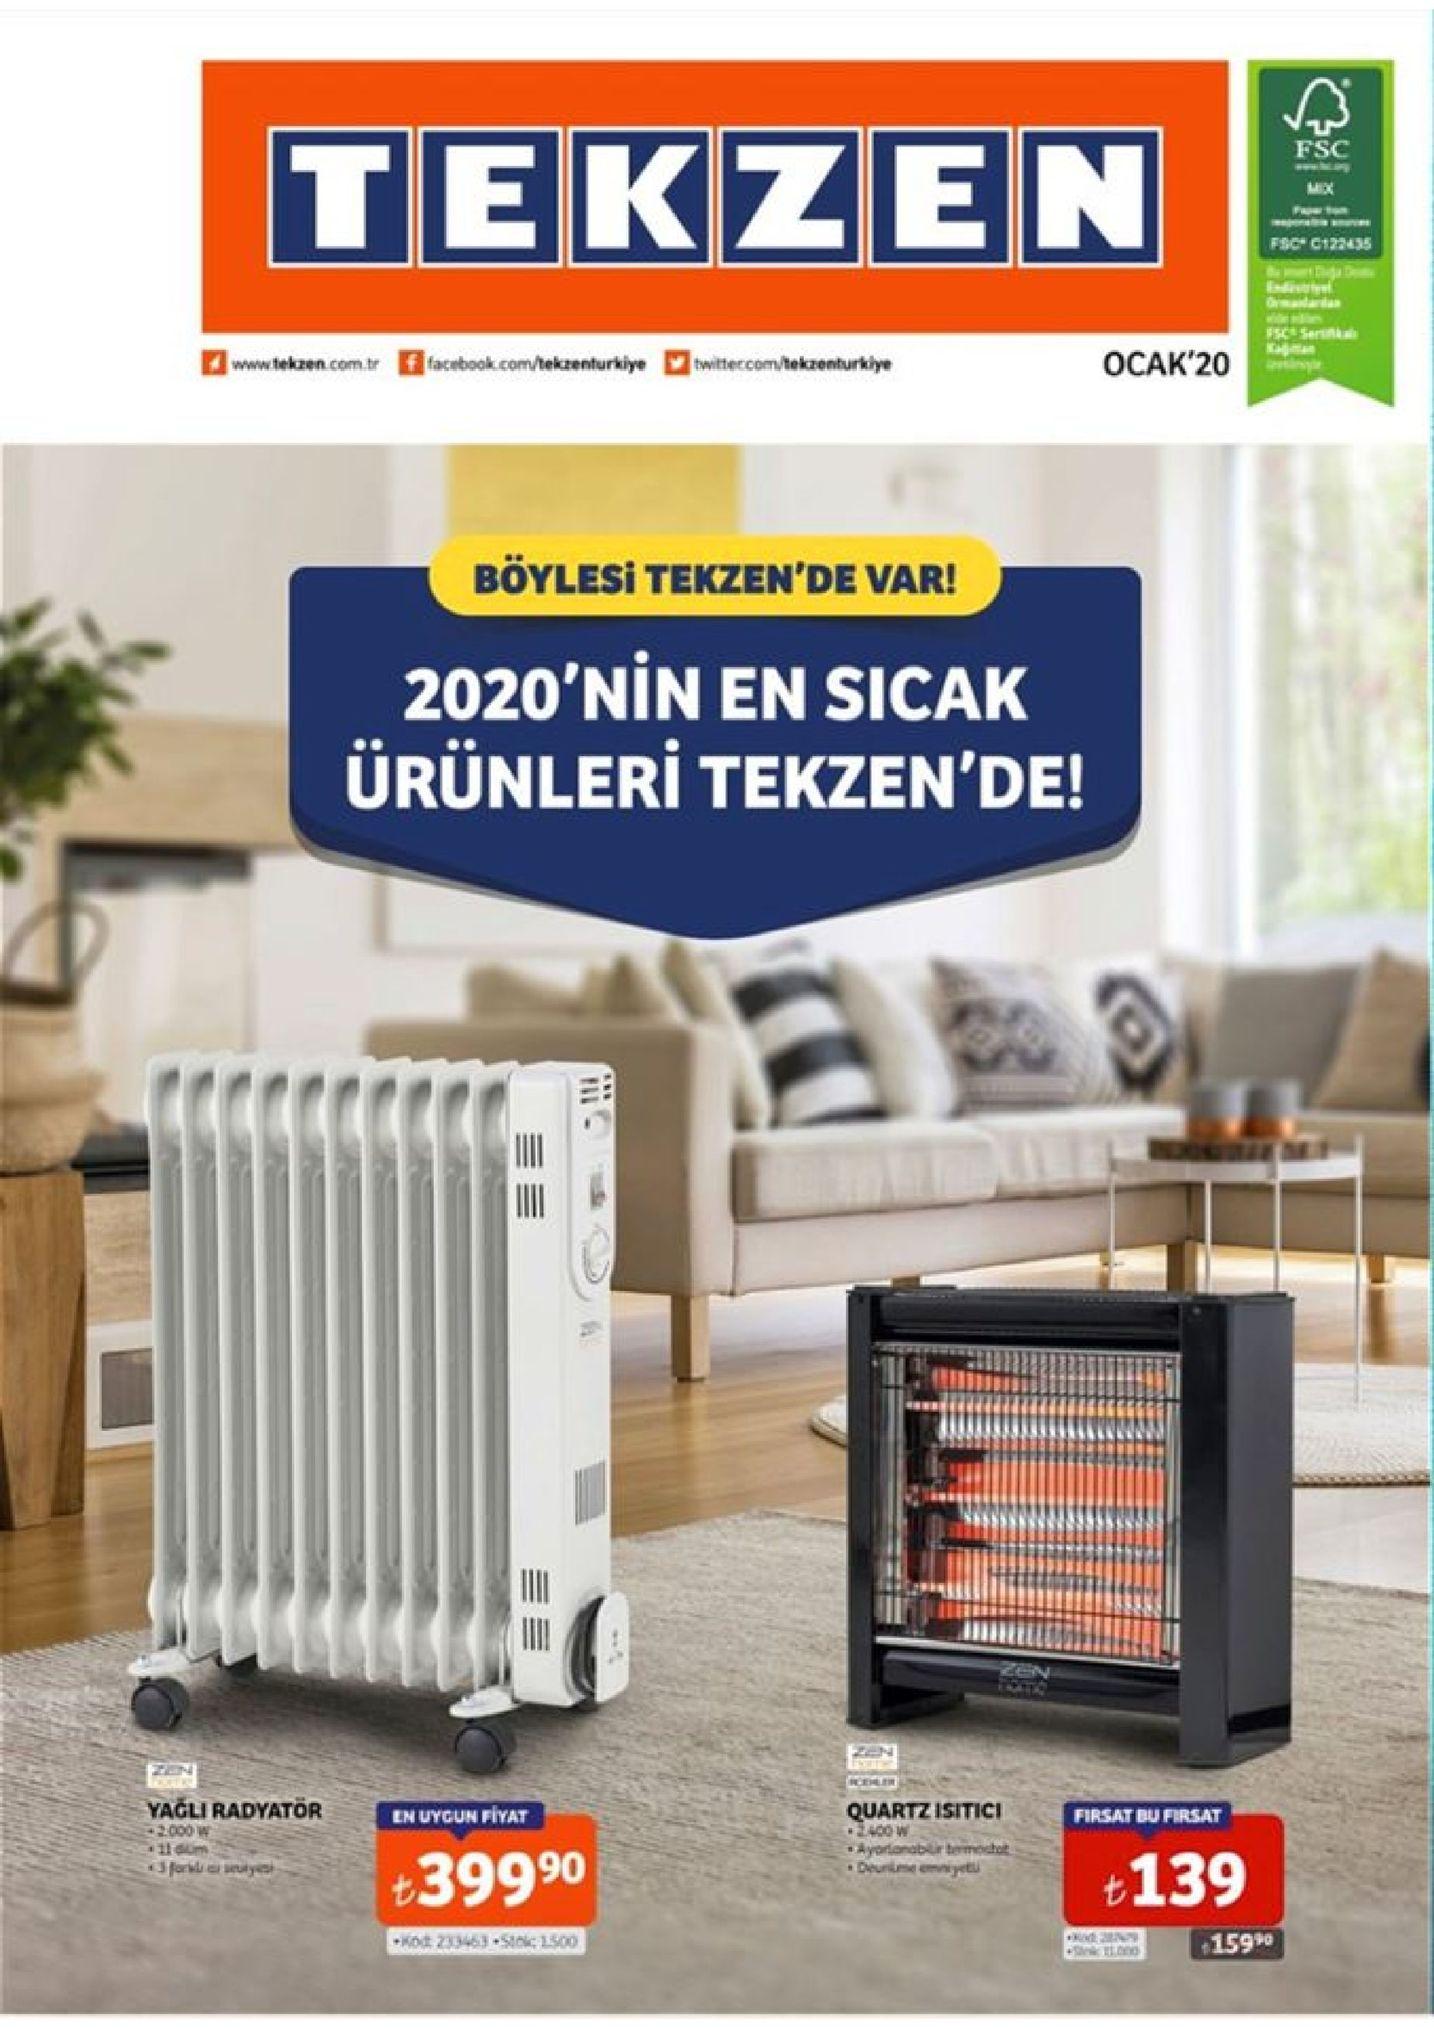 tekzen fsc fsc c122435 idivtriyel ocak'20 www.tekzen.com.tr f facebook.com/tekzenturkiye twittecom/tekzenturkiye böylesi tekzen'de var! 2020'nin en sicak ürünleri tekzen'de! zen cehlir yağli radyatör +2000 w 11 gum quartz isitici o2400 w ayorlanablir bermostat deunime emniyet en uygun fiyat firsat bu firsat +399 90 t139 forl sly kod: 233463 •stoic 1500 15990